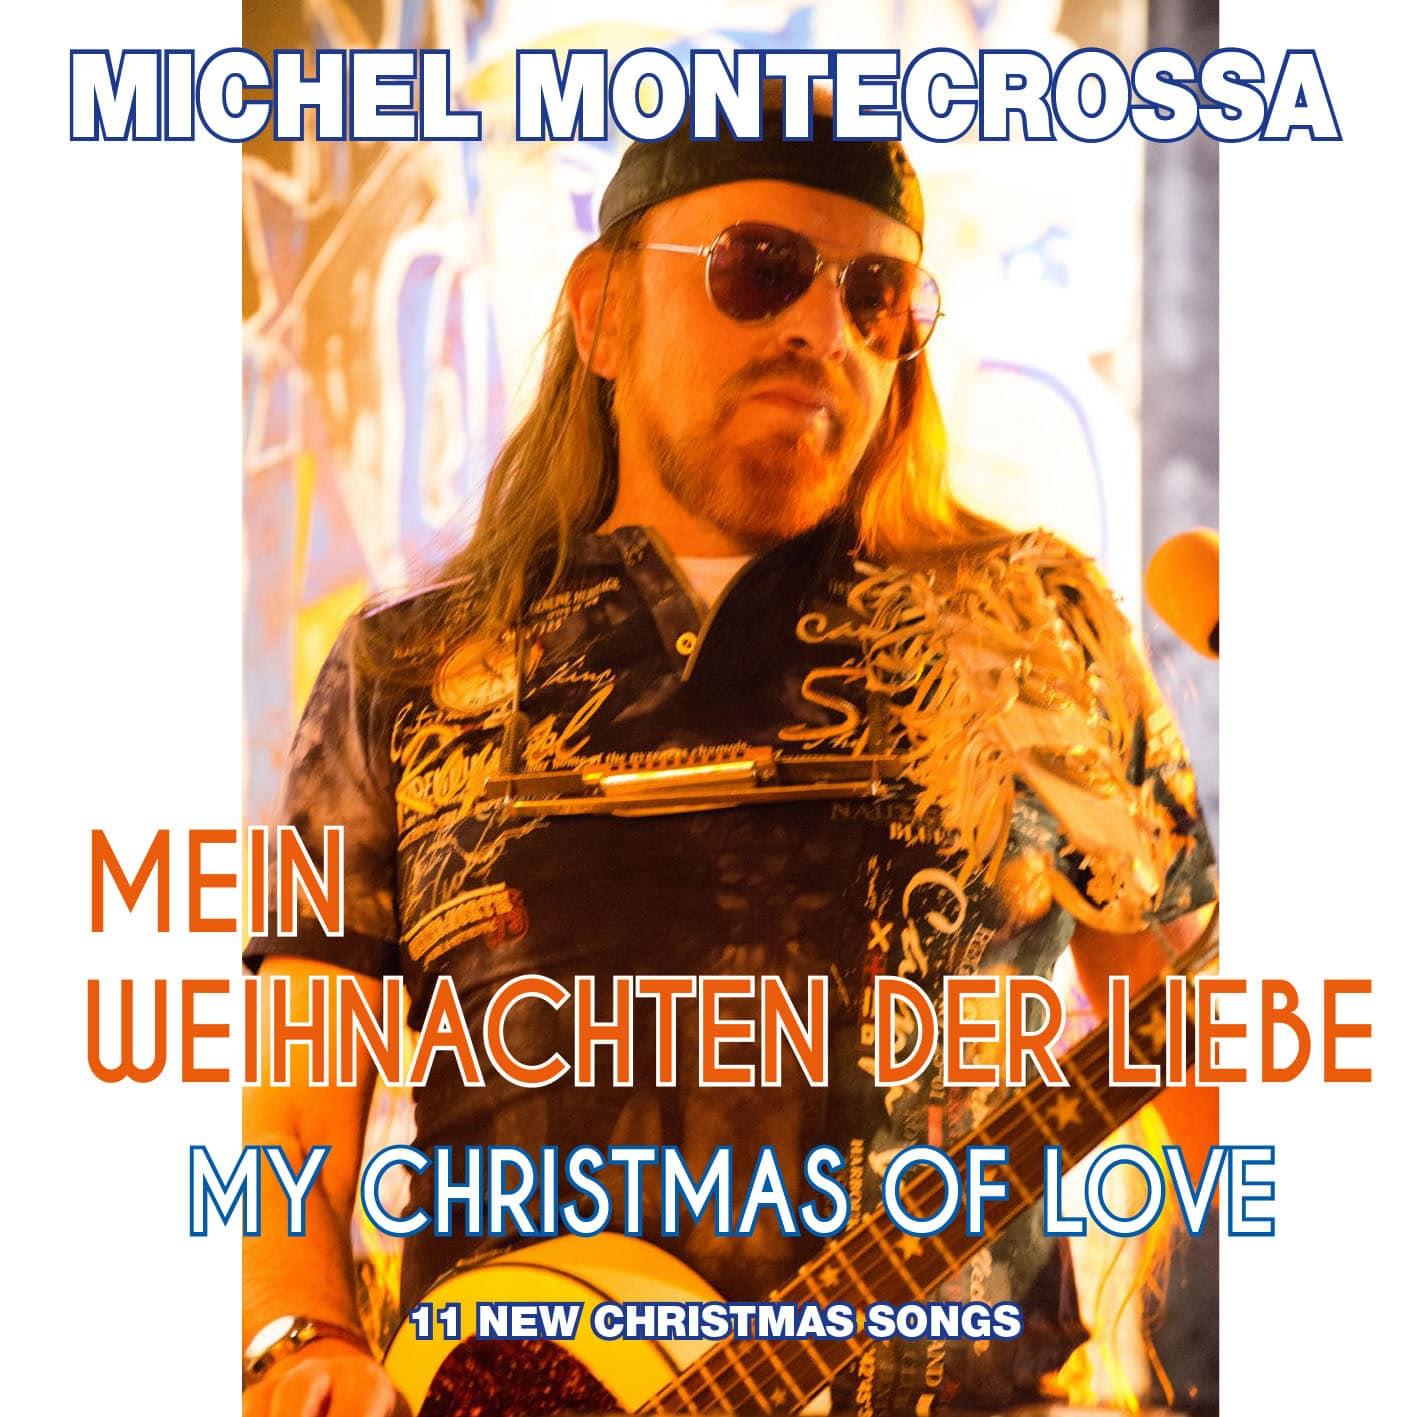 Mein Weihnachten der Liebe - My Christmas Of Love